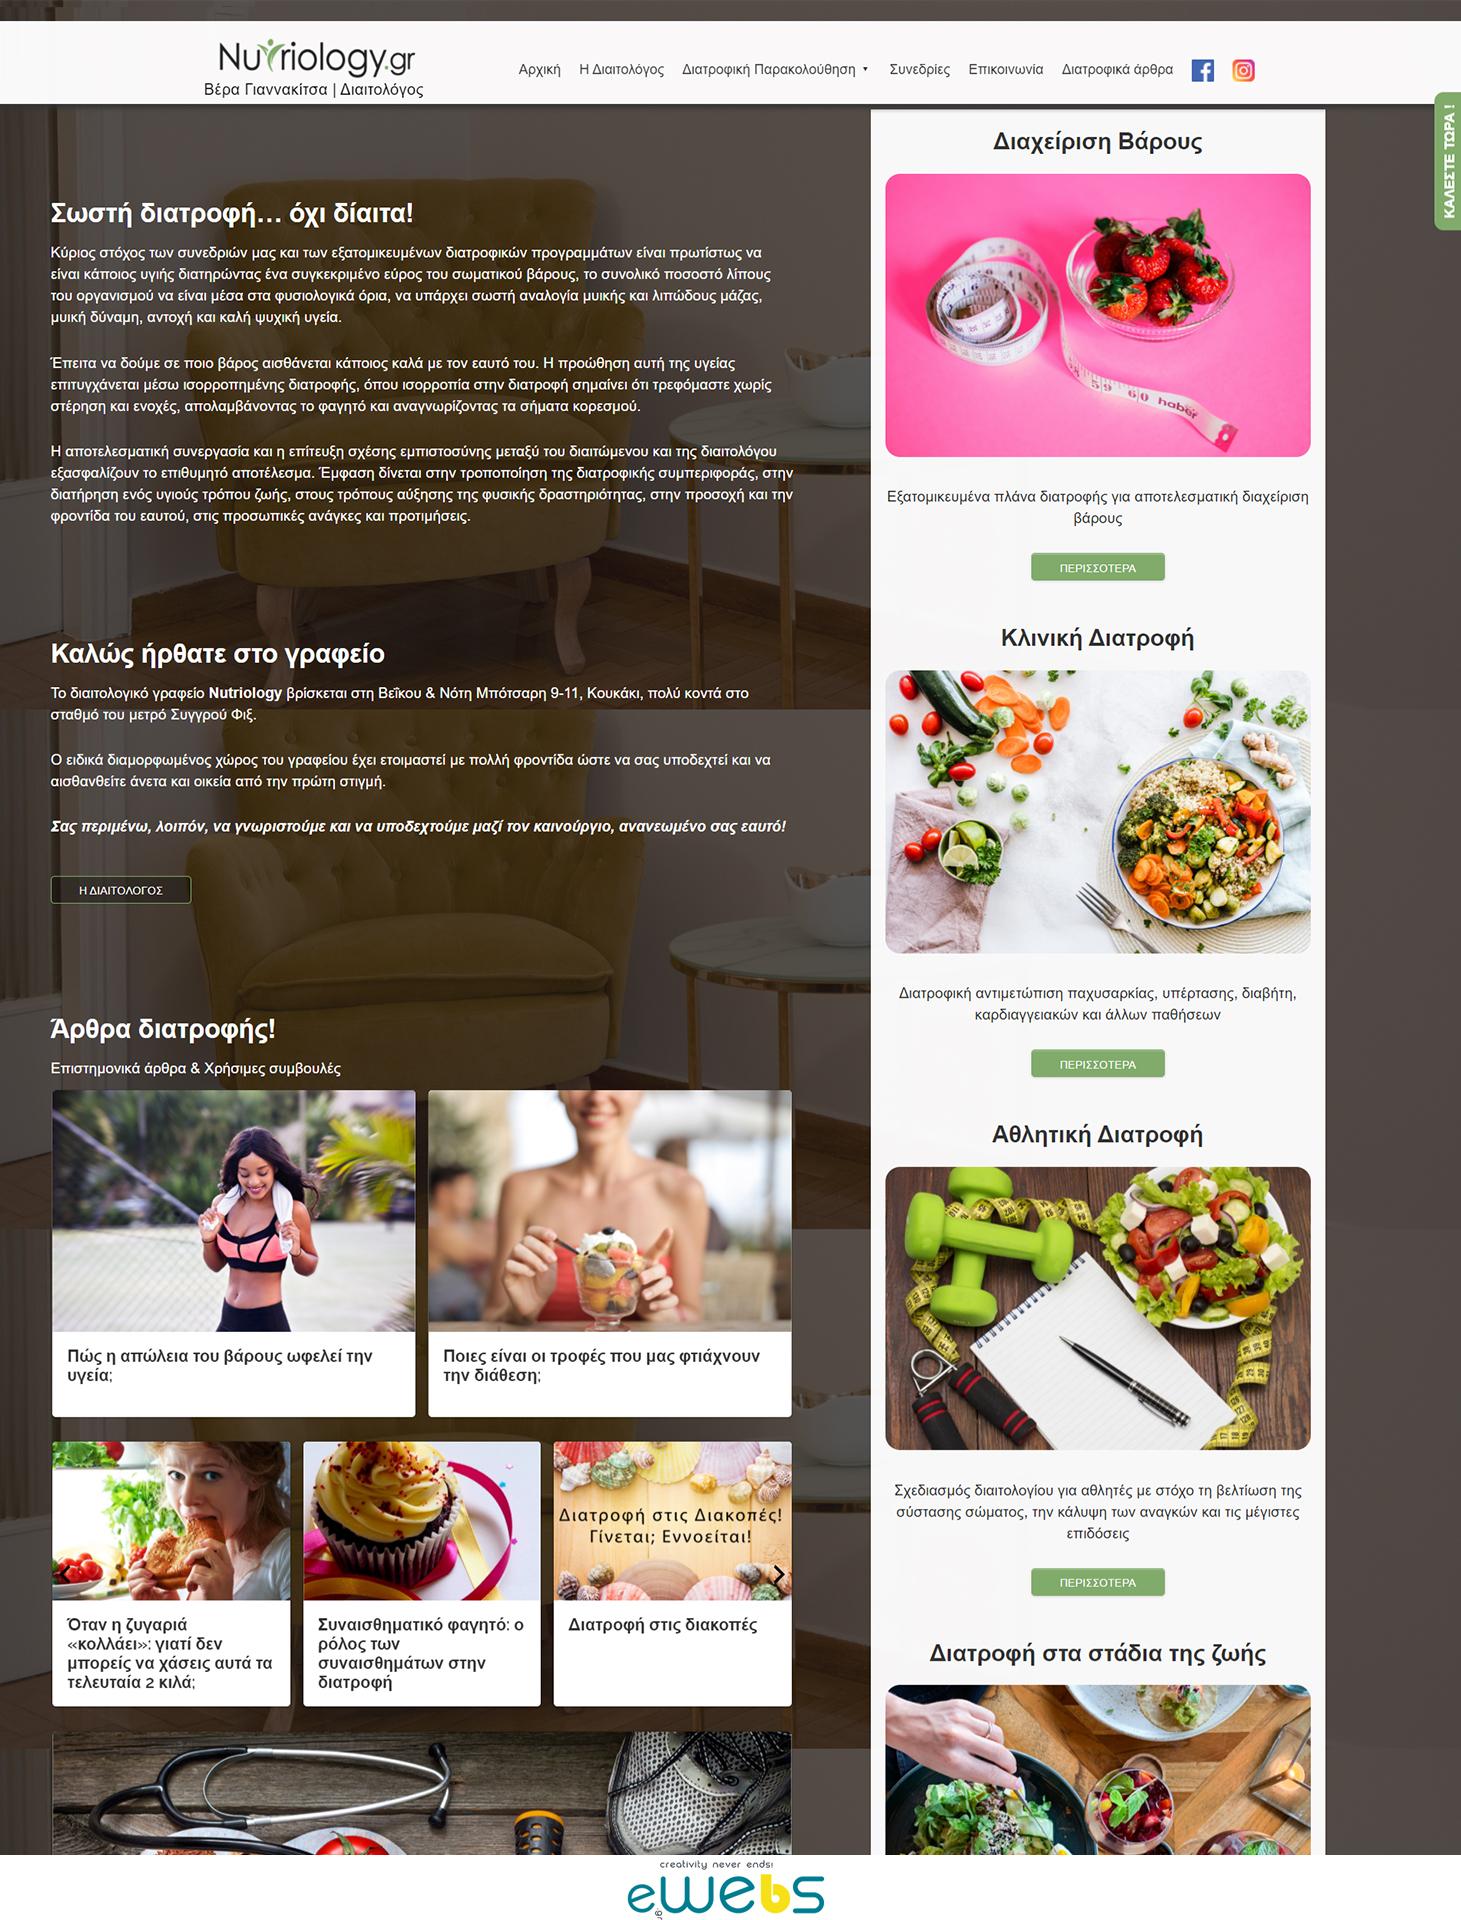 ιστοσελίδα Διαιτολόγου Nutriology